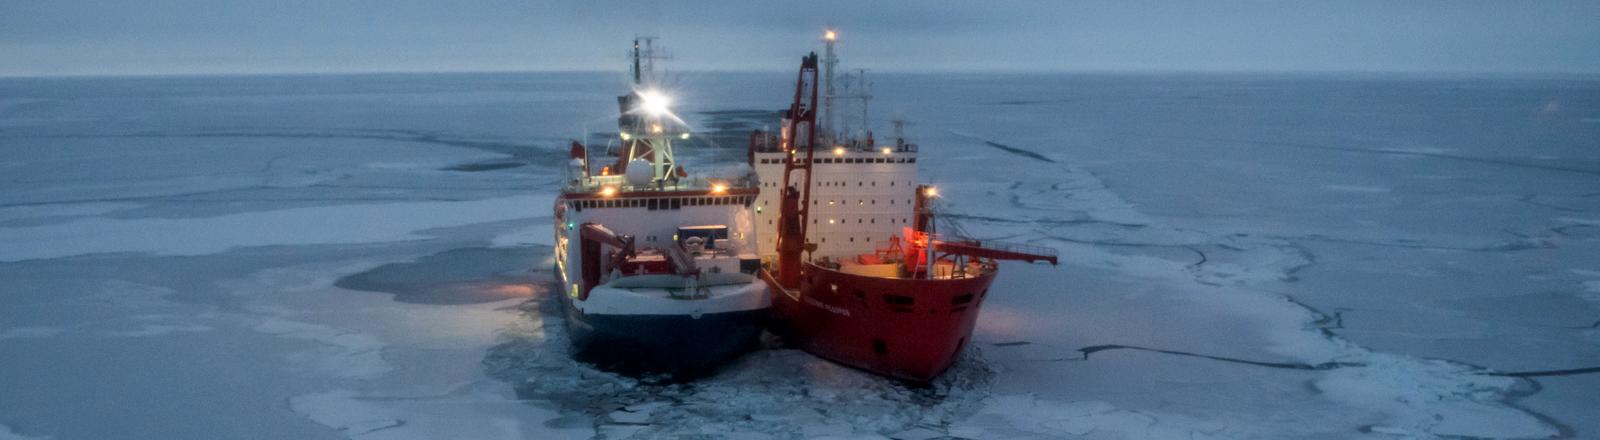 Der Forschungseisbrecher Polarstern und der russische Eisbrecher Akademik Fedorov liegen zwischen arktischen Eisschollen.